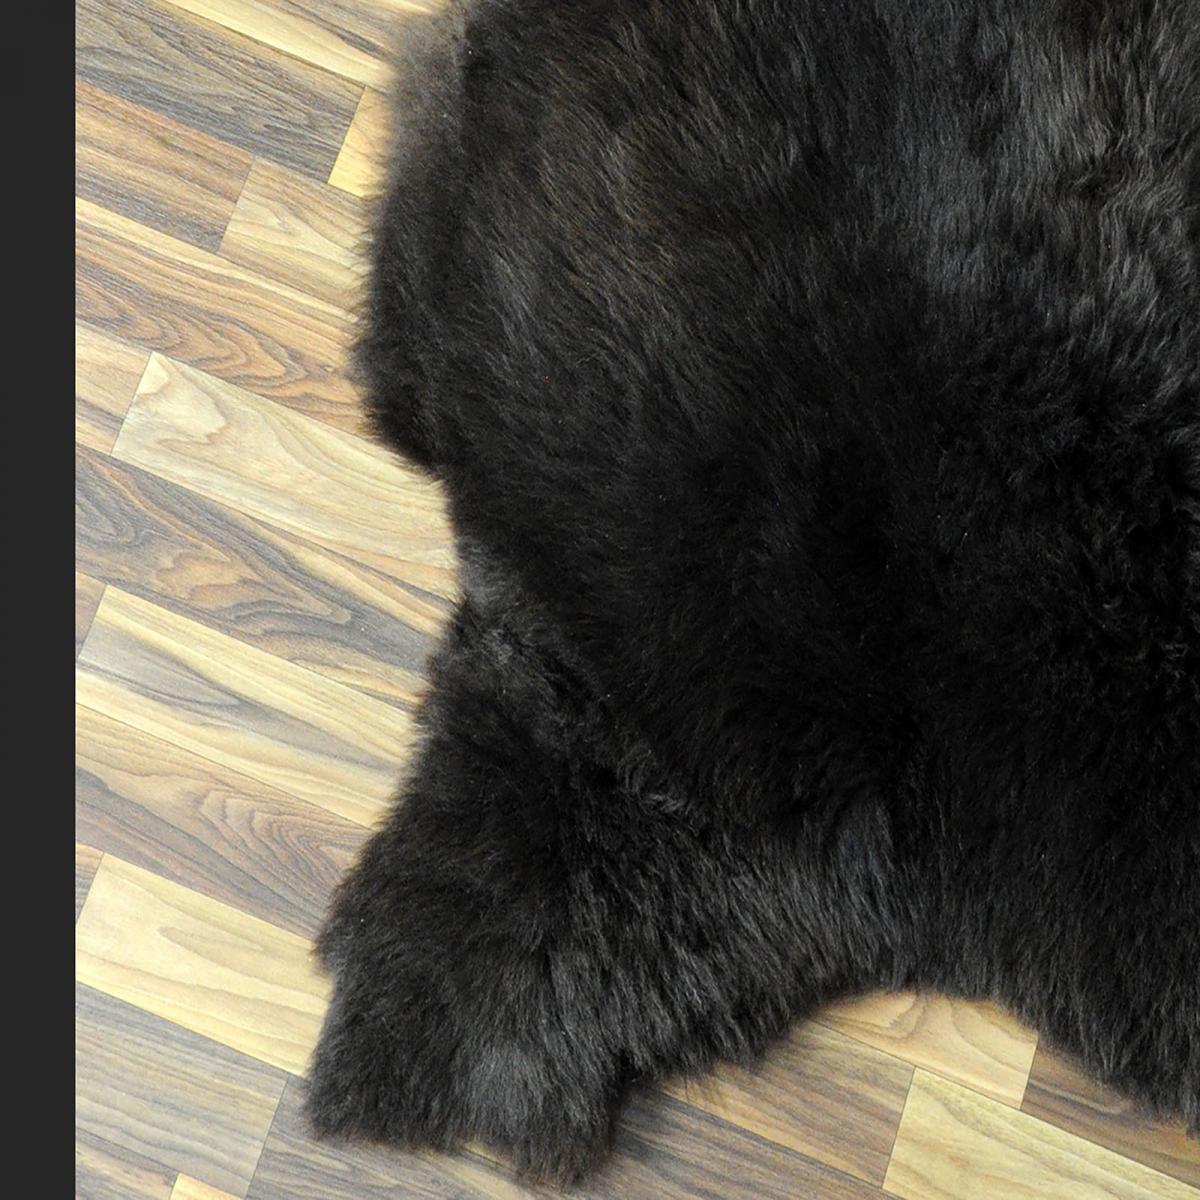 xl ko schaffell wei braun geflammt 115x85 4515 4515. Black Bedroom Furniture Sets. Home Design Ideas